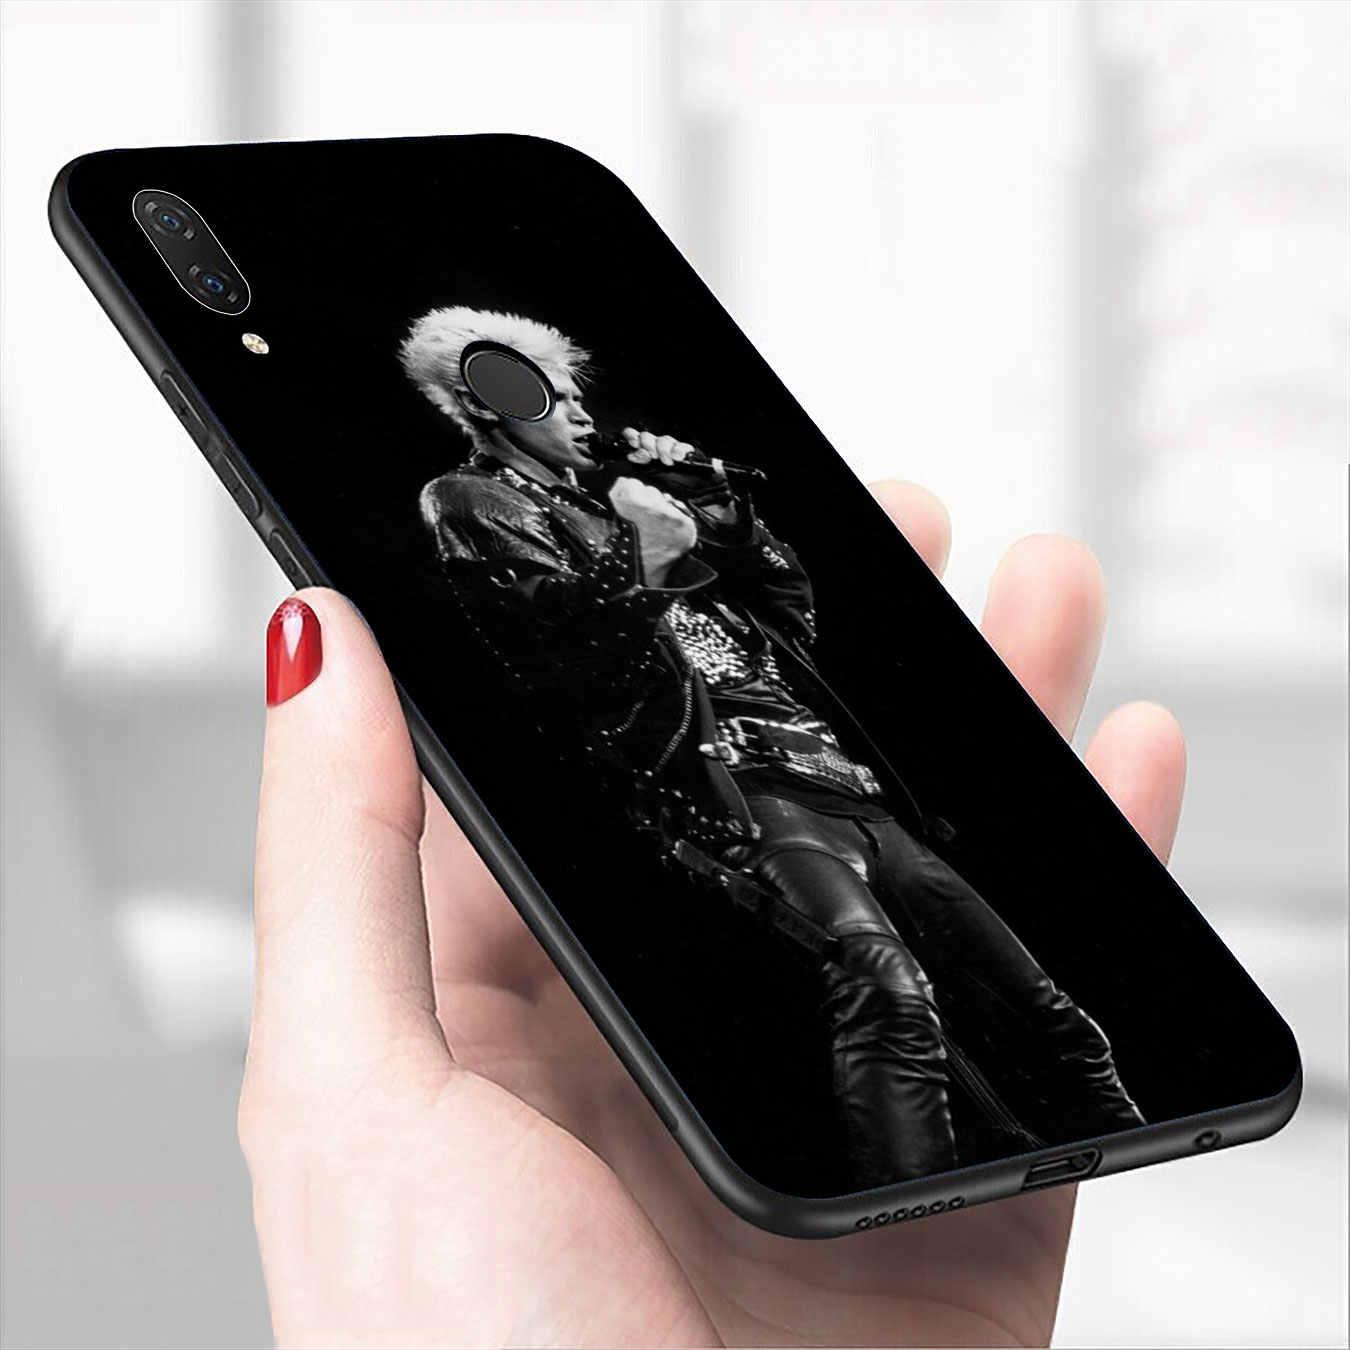 IYICAO ビリーアイドル自分とダンス音楽 Xiaomi Redmi 注 8 8T 8A 7 7A 6 6A 5 5A 行く S2 K30 K20 プロ